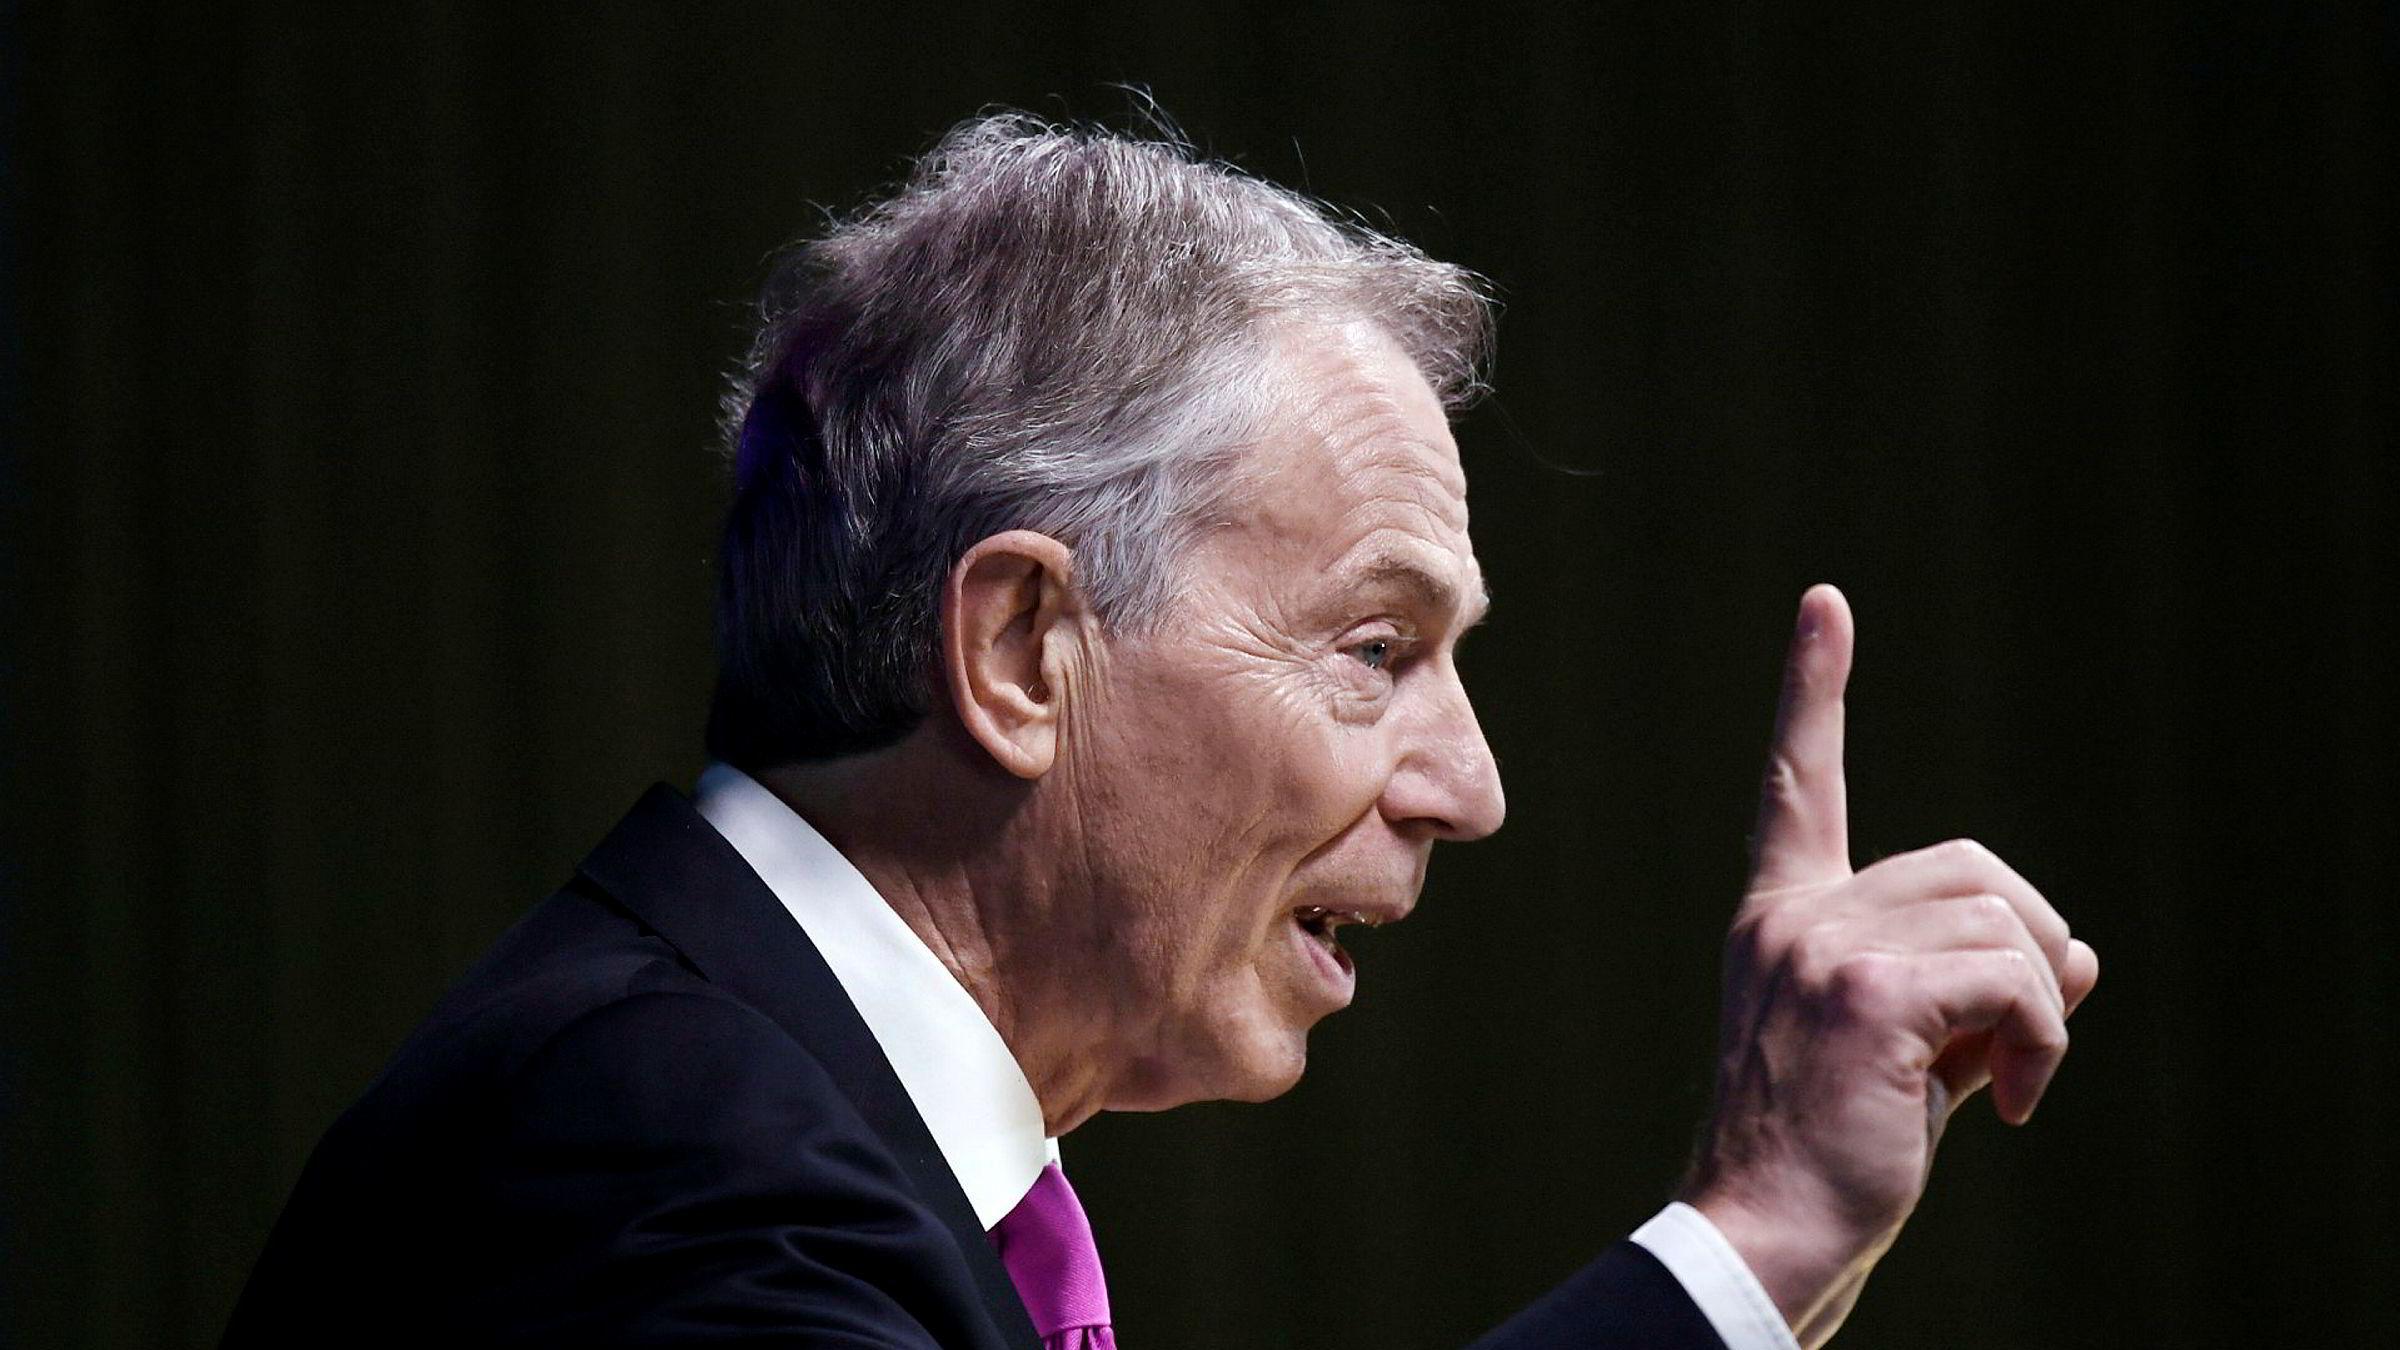 Tidligere statsminister i Storbritannia Tony Blair oppfordret nylig britiske velgere til å revurdere EU-utmeldelsen.